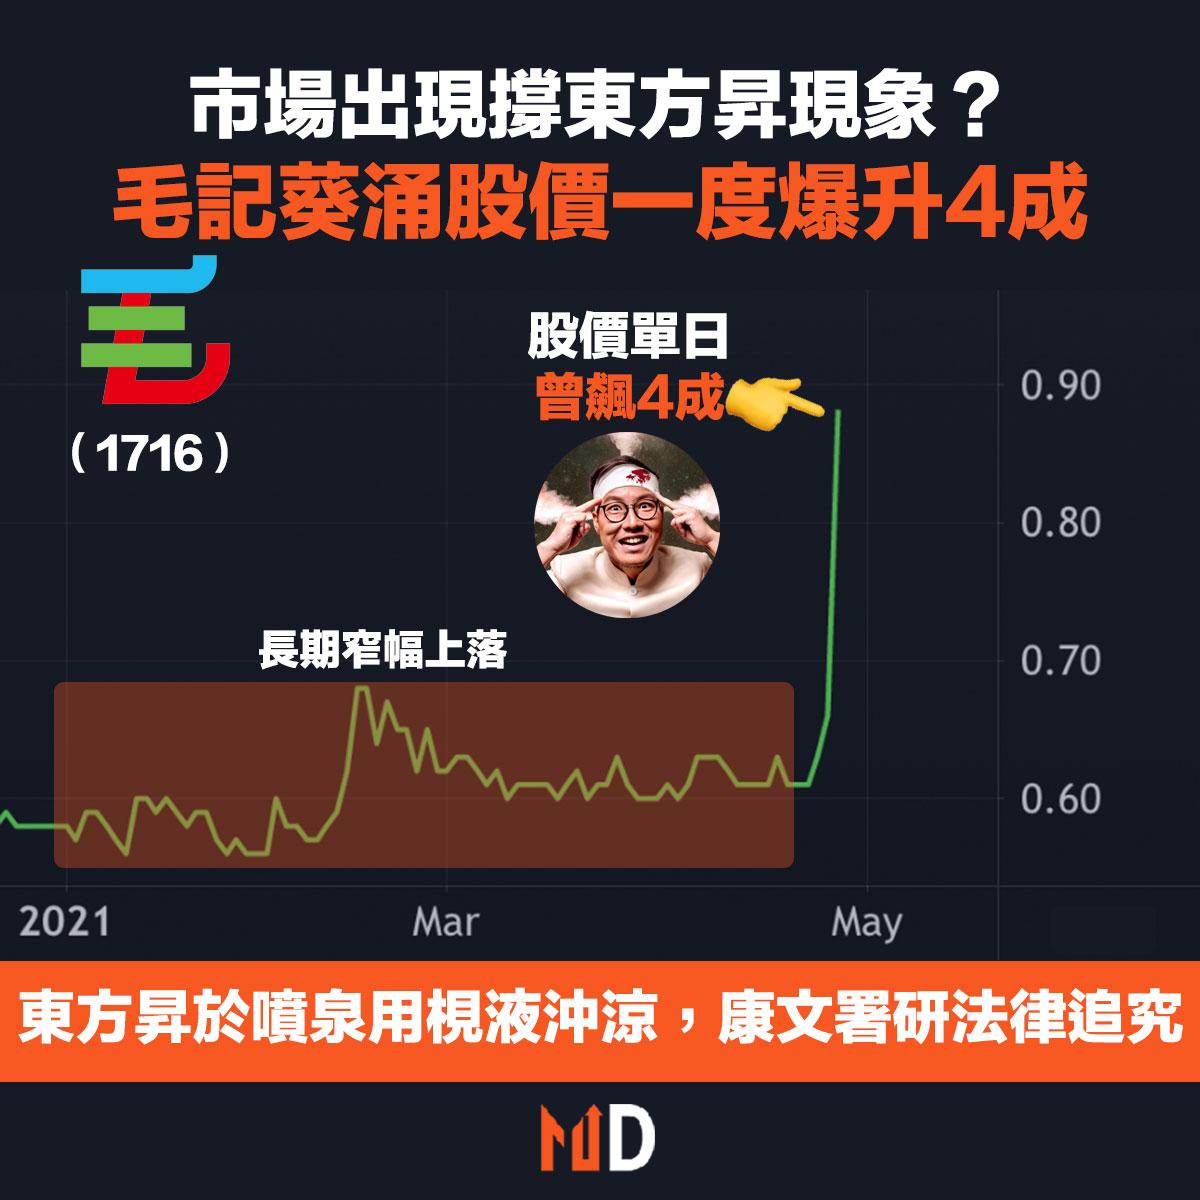 毛記葵涌股價狂飆